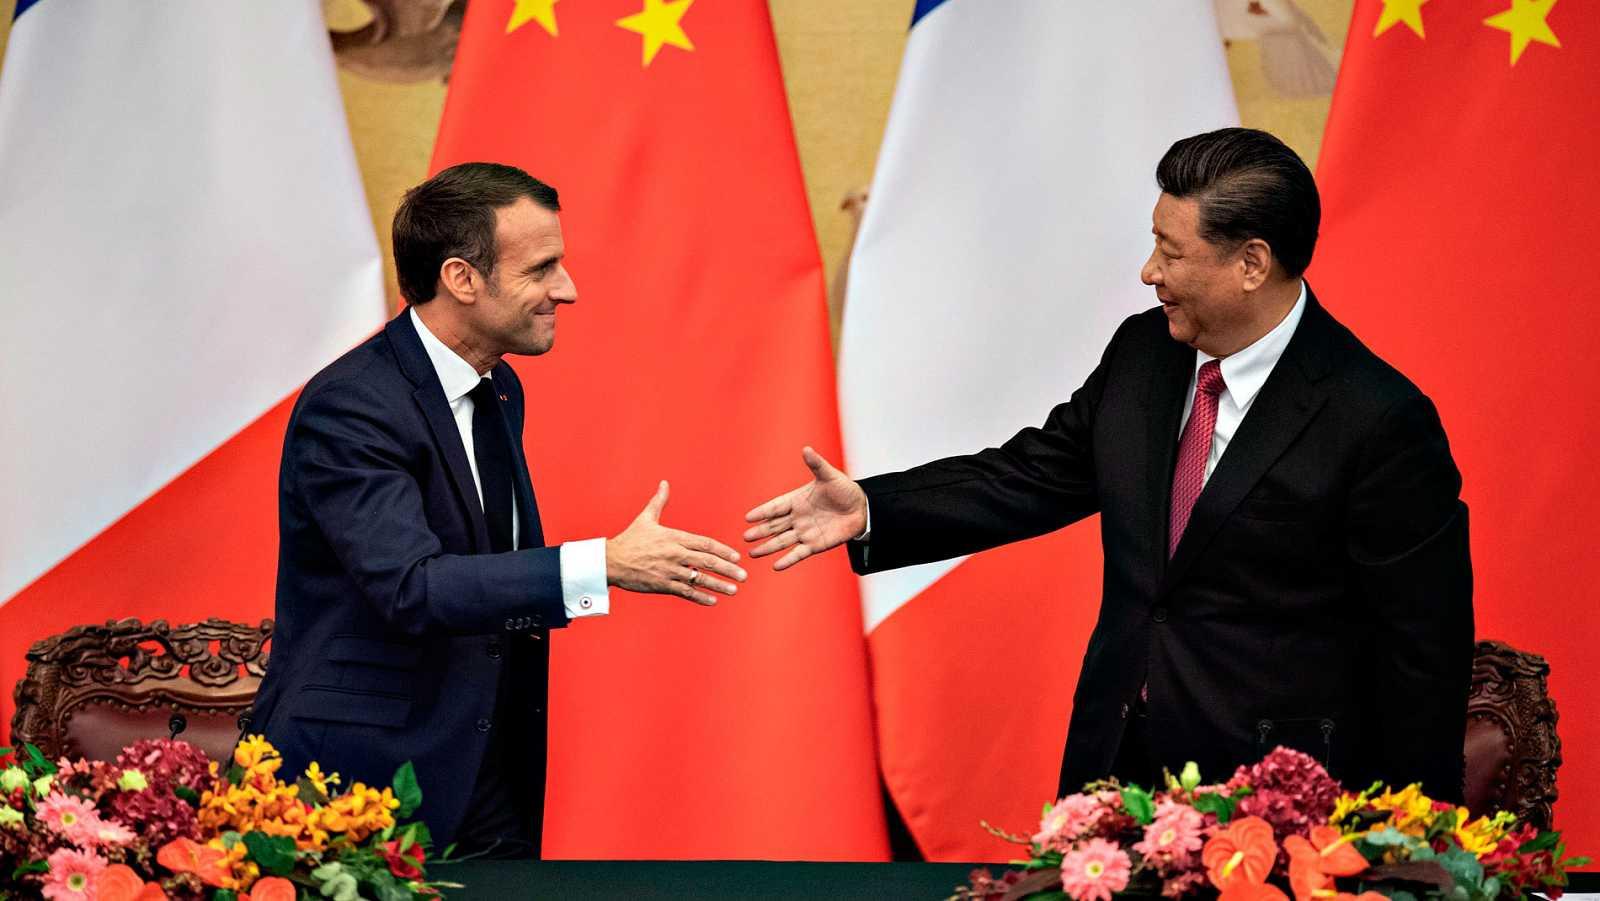 Los presidentes de Francia y China, Emmanuel Macron y Xi Jingping, durante la cumbre bilateral en Pekín